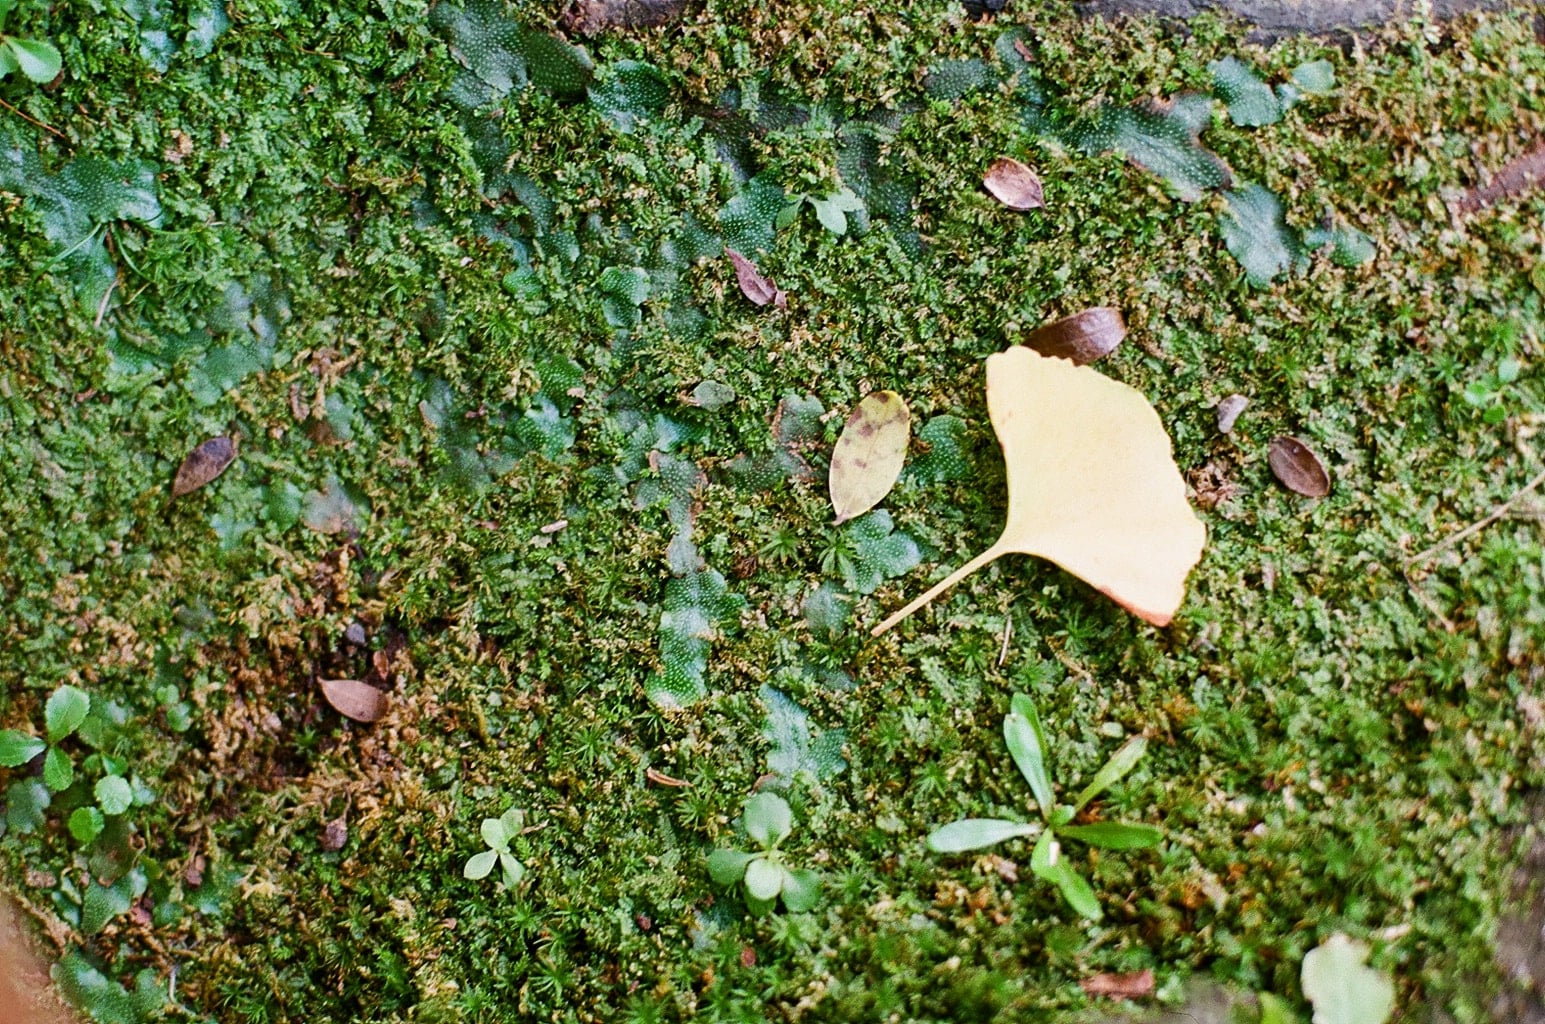 立冬イメージ 苔に銀杏の落ち葉